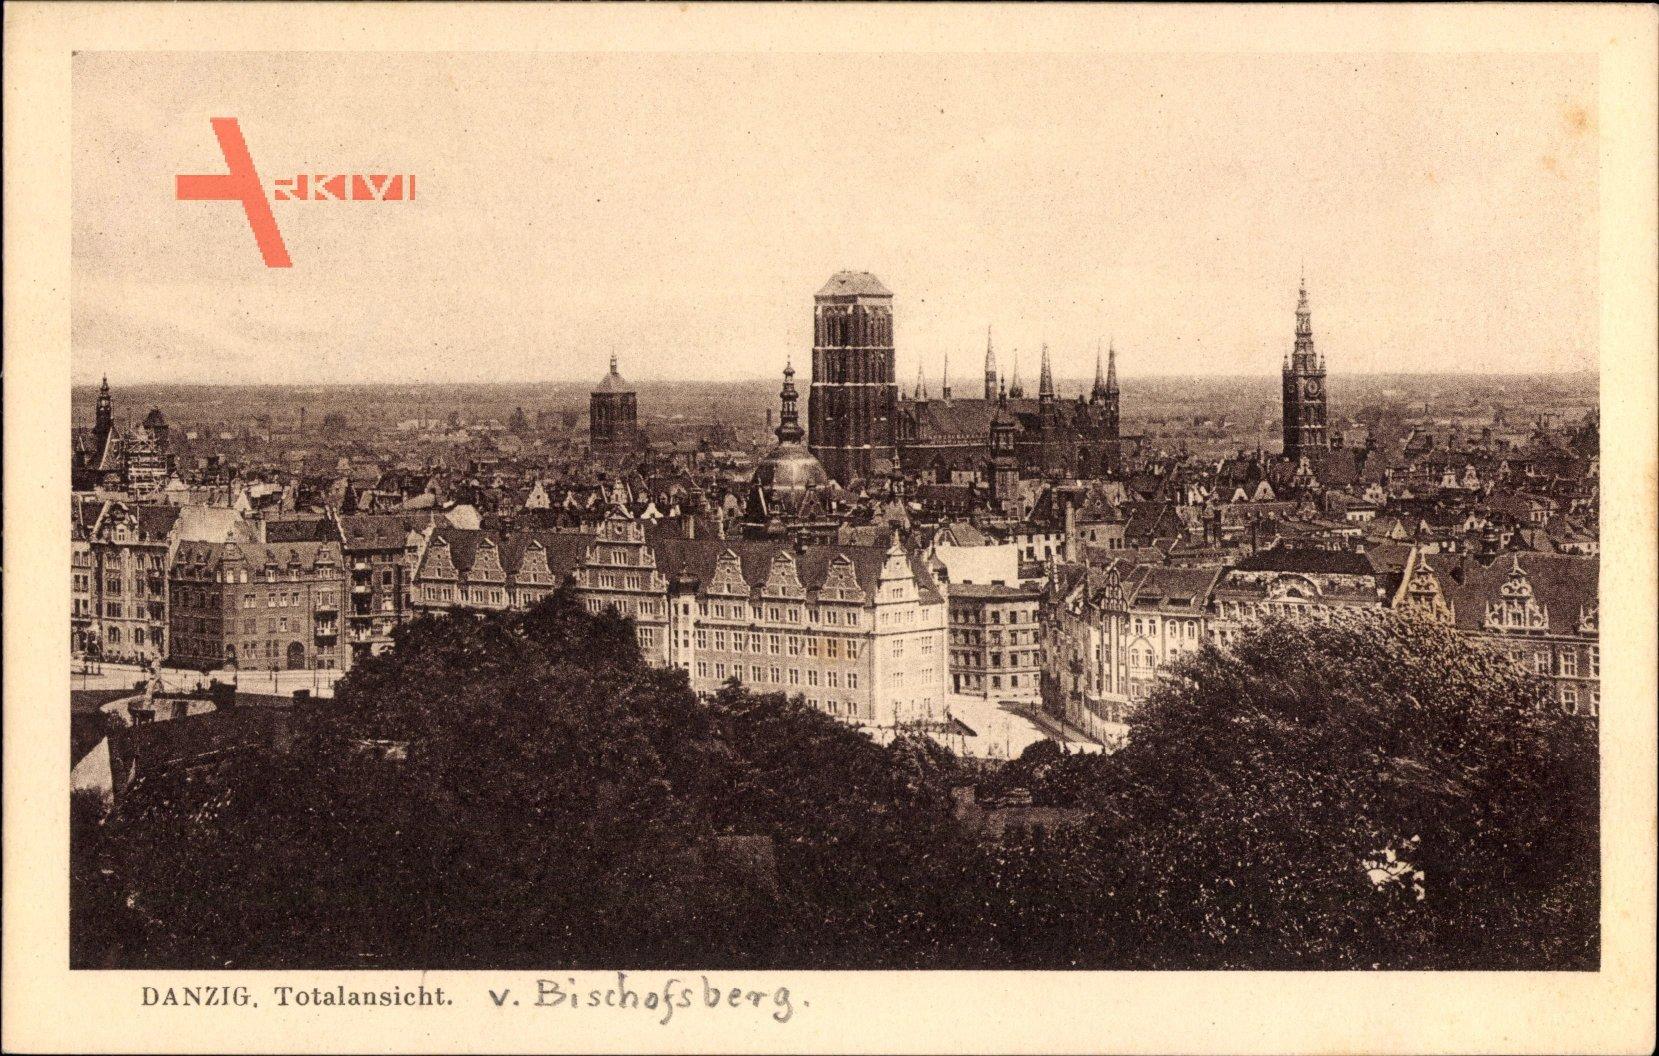 Gdańsk Danzig, Totalansicht der Ortschaft vom Bischofsberg, St. Marienkirche